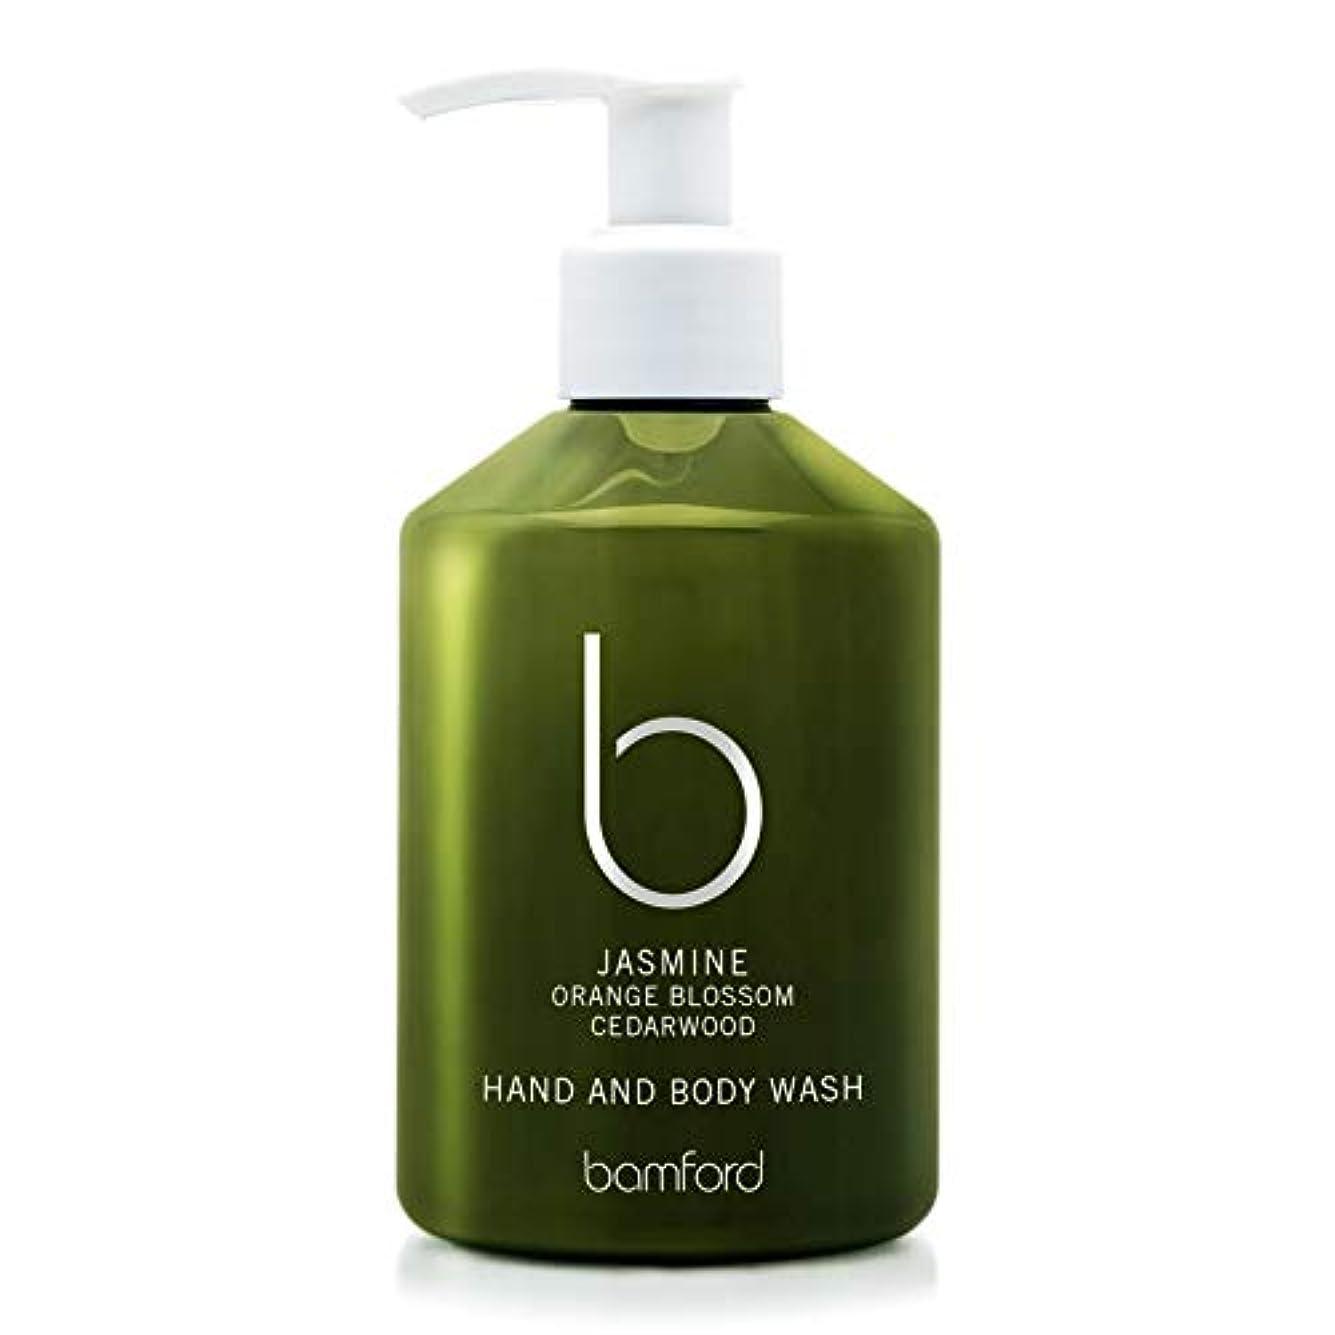 コードレス絶望含意[Bamford ] バンフォードジャスミンの手とボディウォッシュ250ミリリットル - Bamford Jasmine Hand and Body Wash 250ml [並行輸入品]